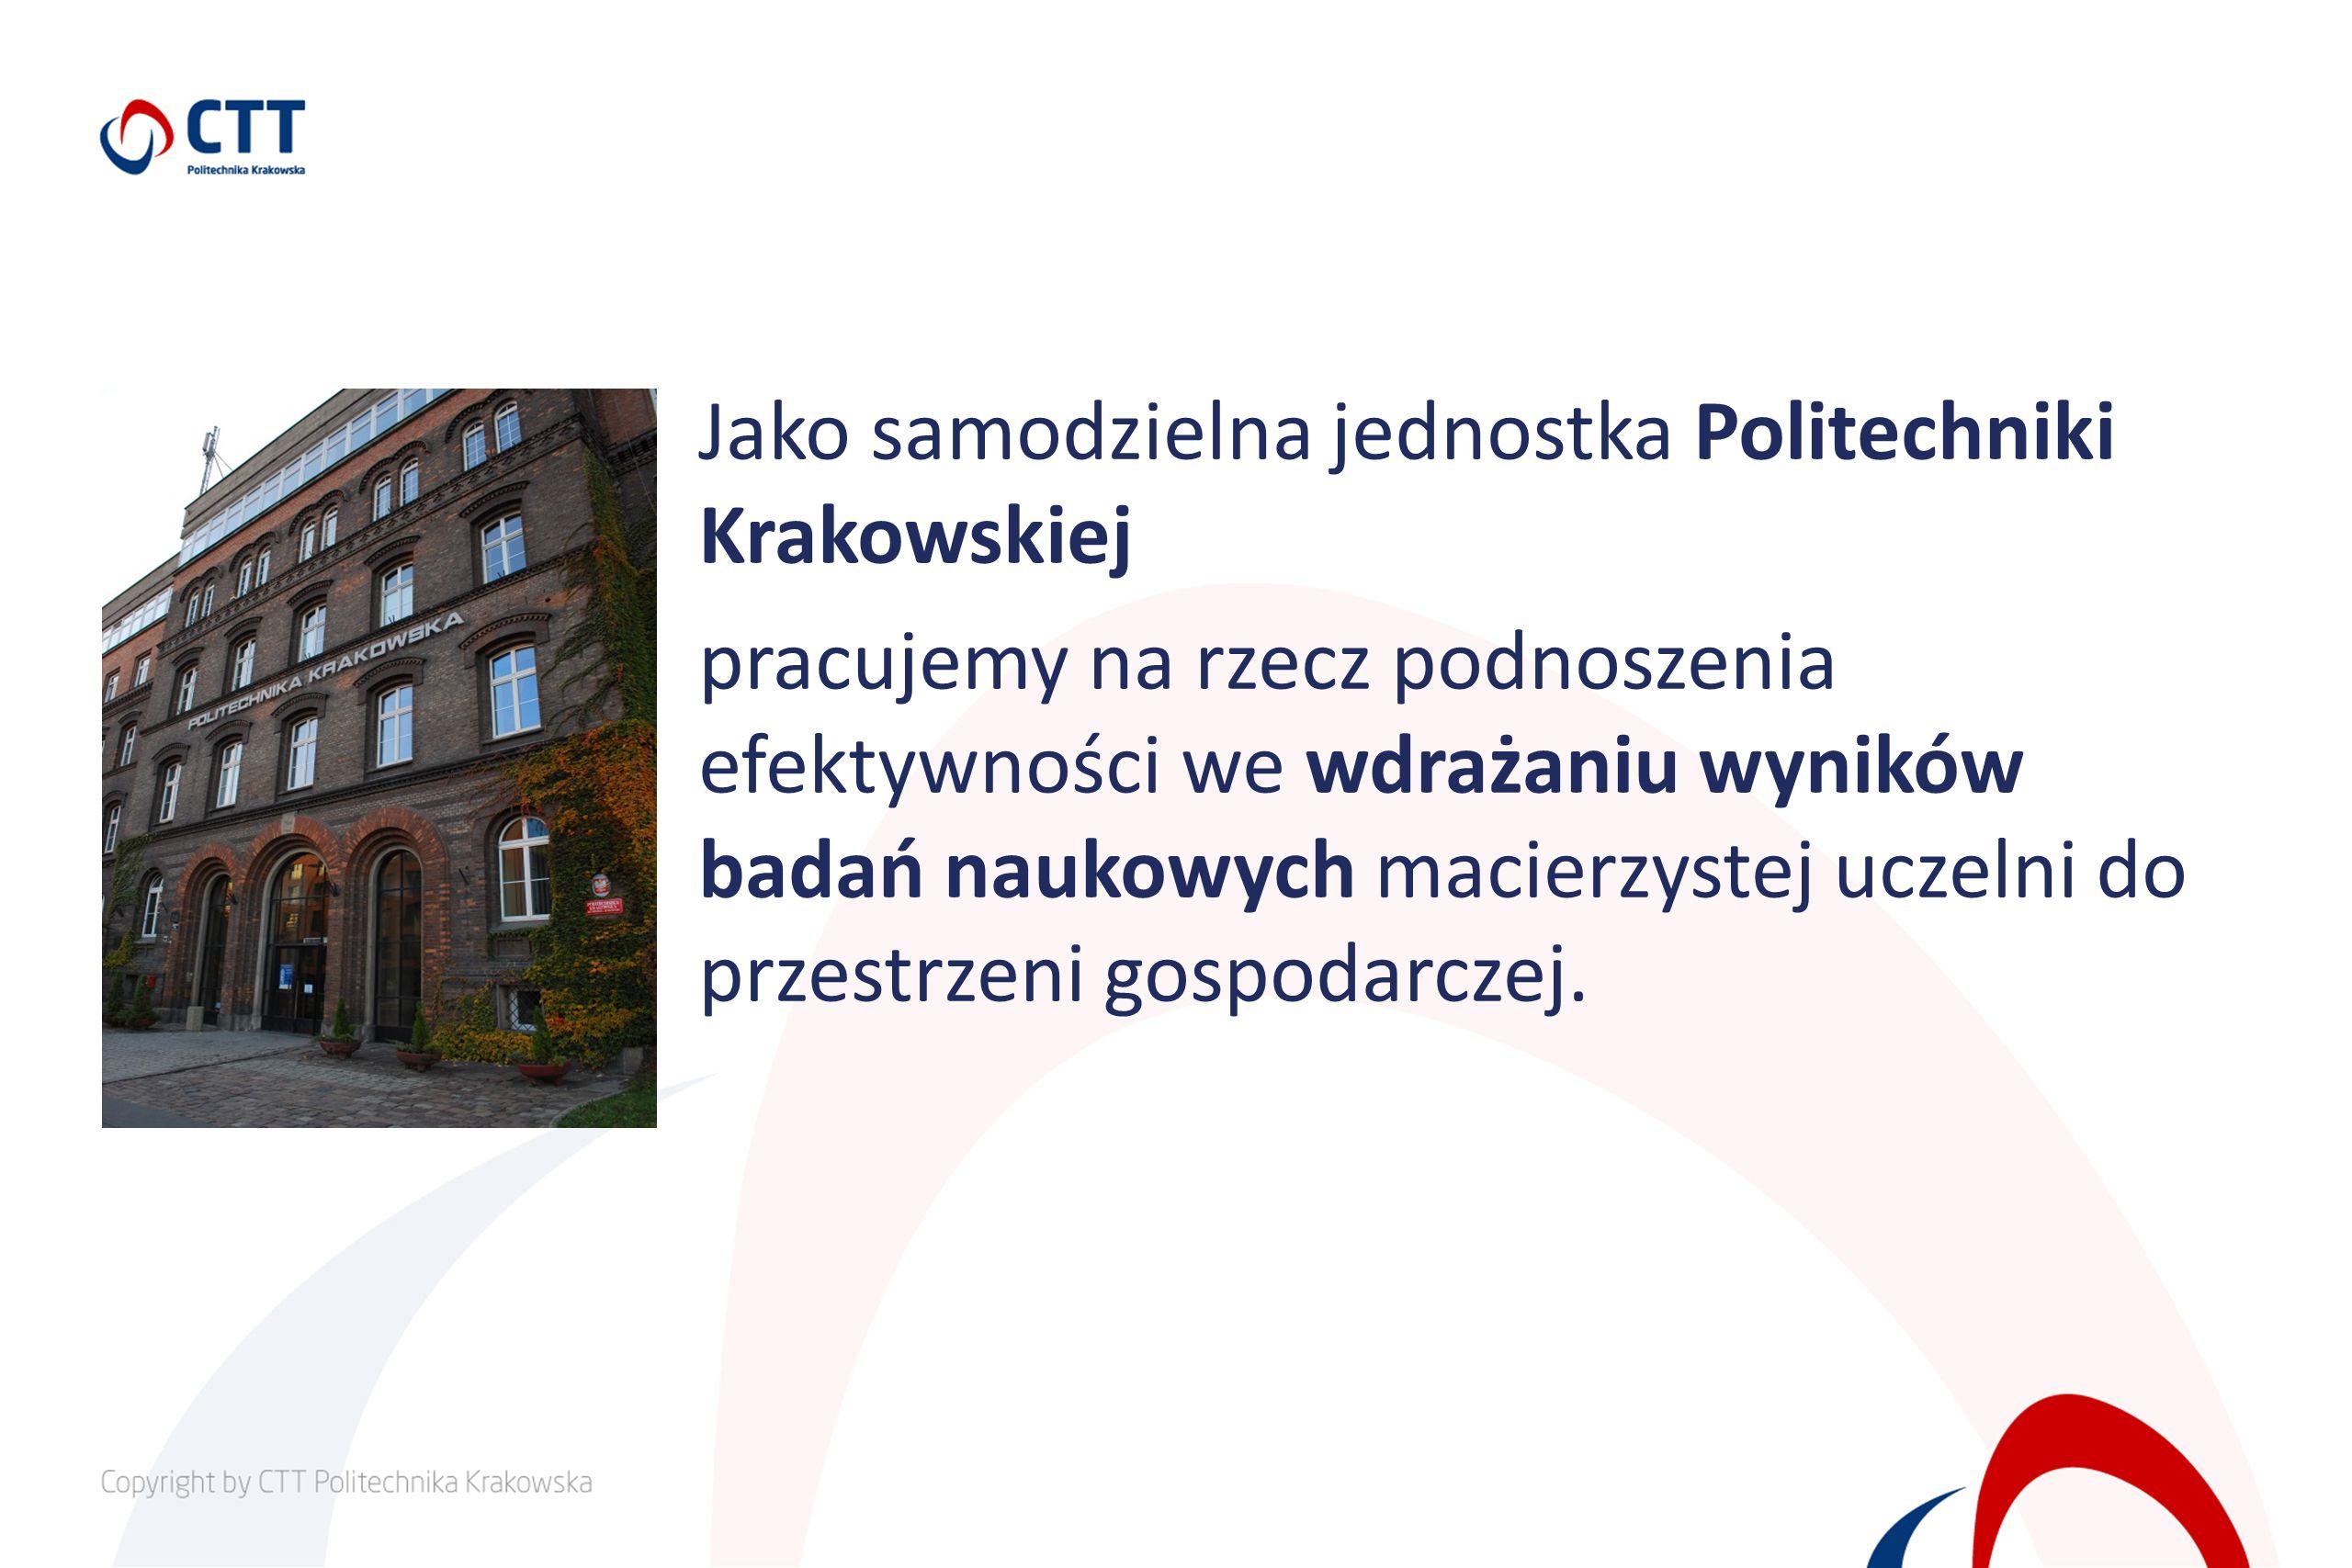 Jako samodzielna jednostka Politechniki Krakowskiej pracujemy na rzecz podnoszenia efektywności we wdrażaniu wyników badań naukowych macierzystej ucze